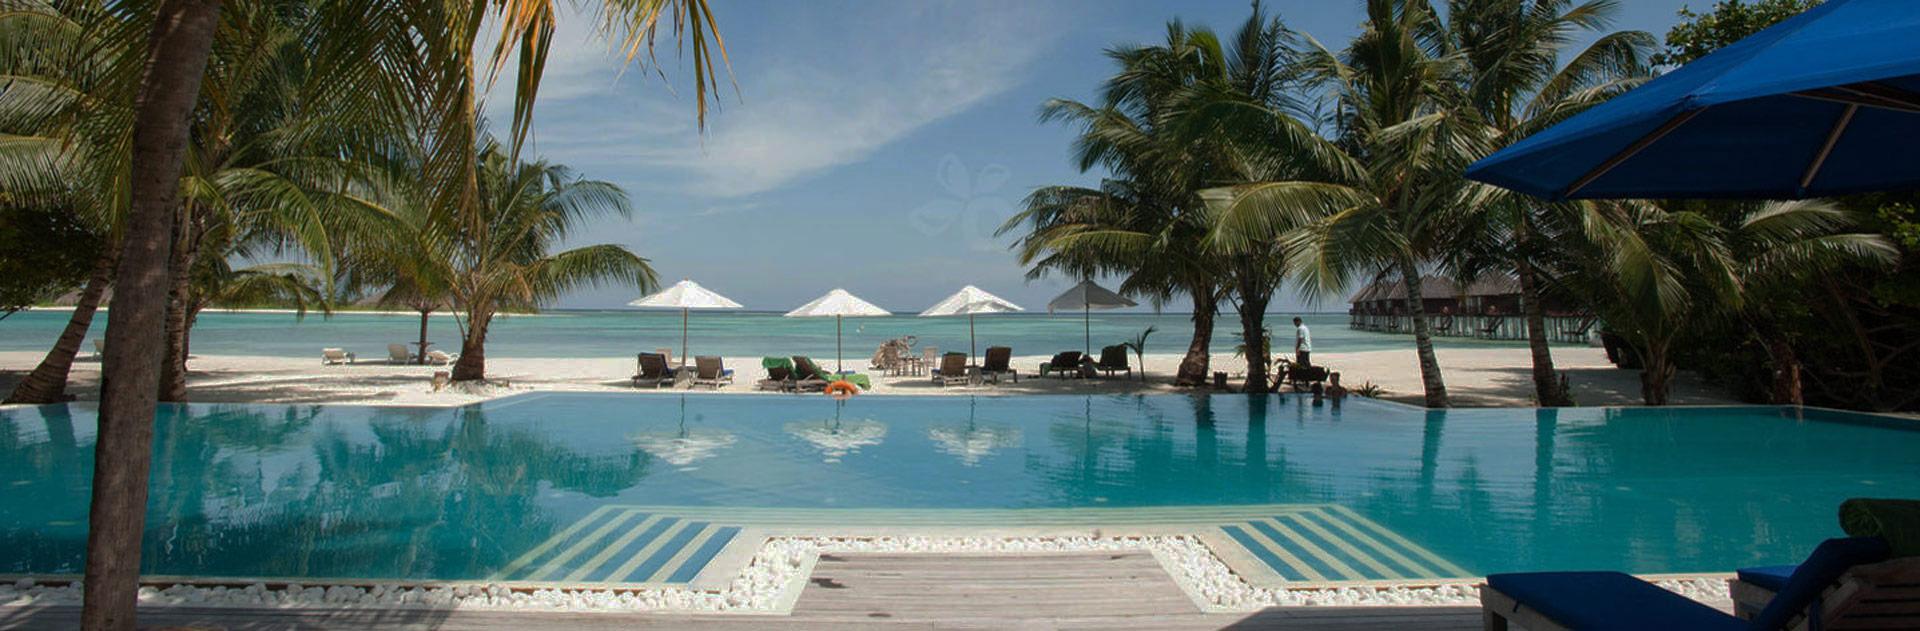 MV Olhuveli Beach AND Spa Maldives Hotel Atolón de Malé Sur 8 d ias 3